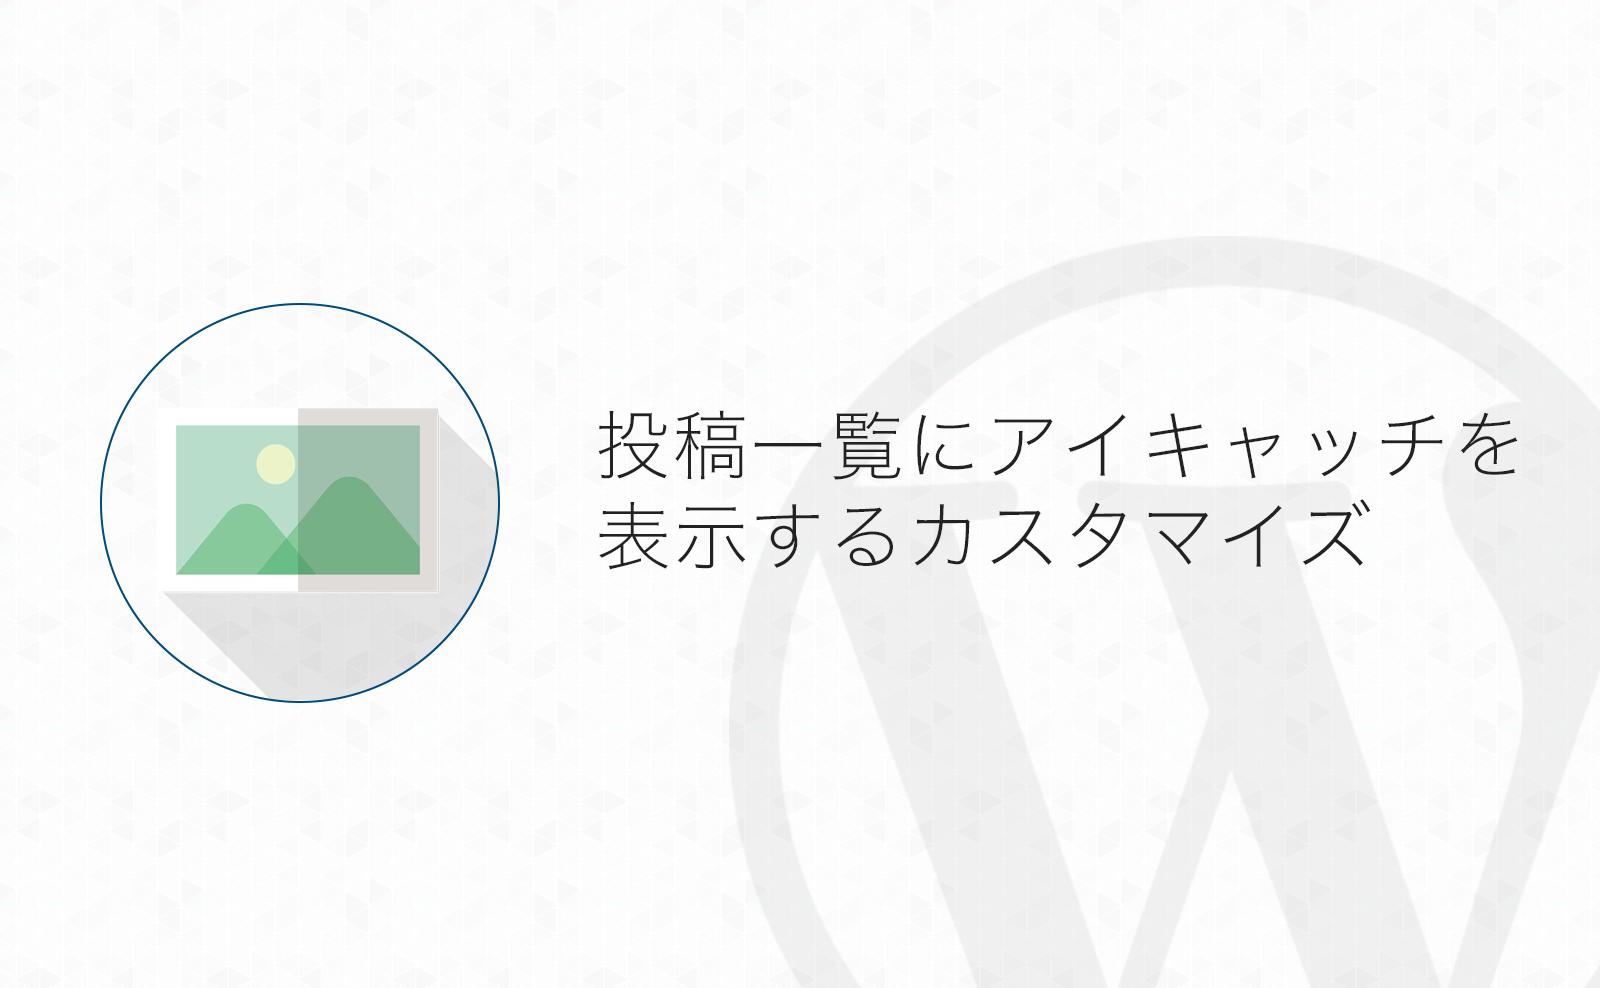 【WordPress】投稿一覧にアイキャッチ画像を表示するカスタマイズ